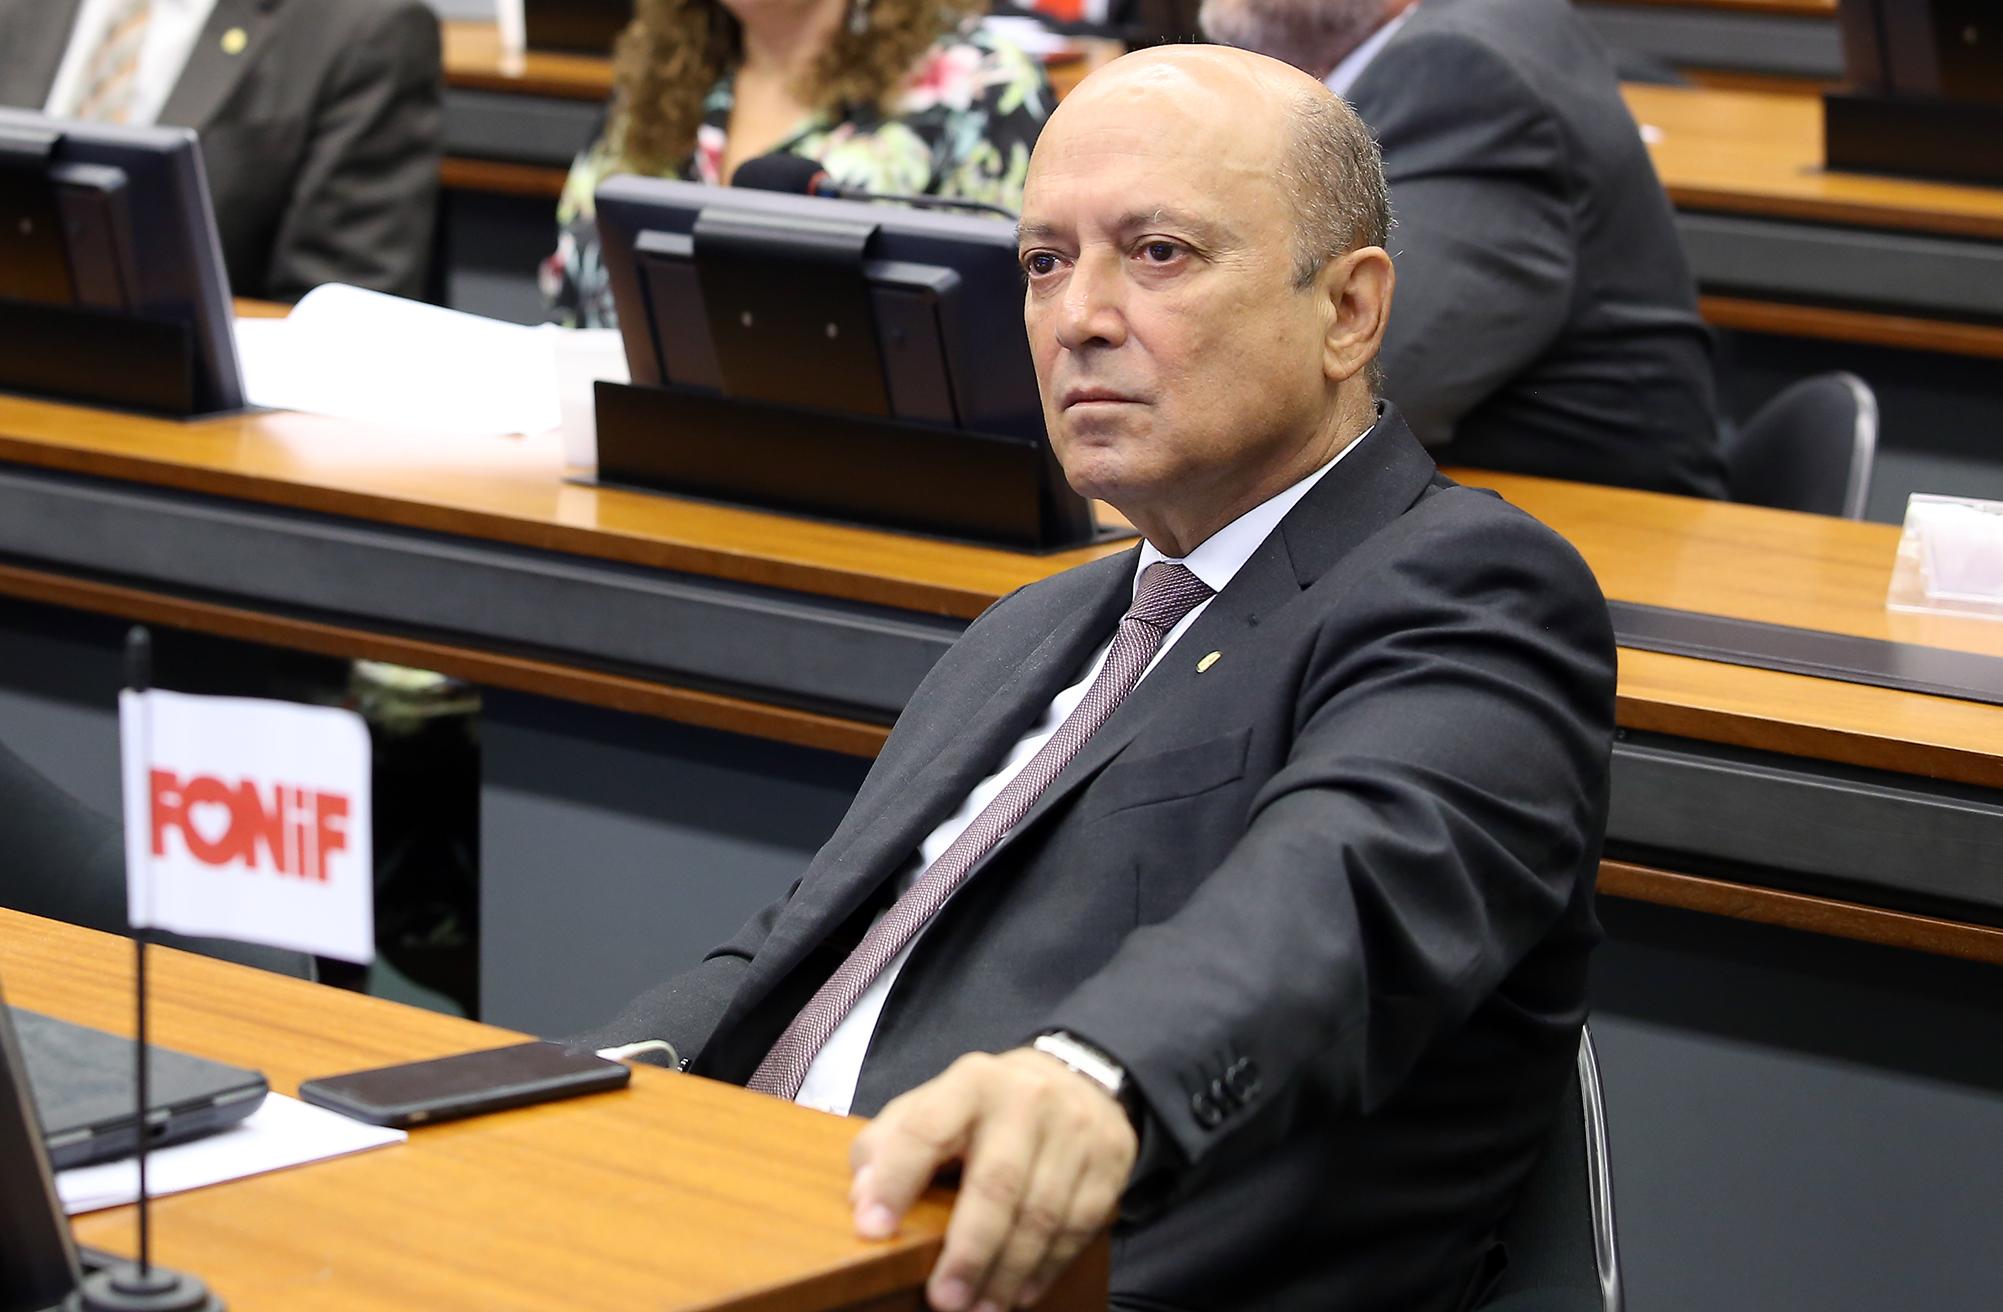 Audiência Pública e Reunião Ordinária. Dep. Lelo Coimbra (PMDB-ES)